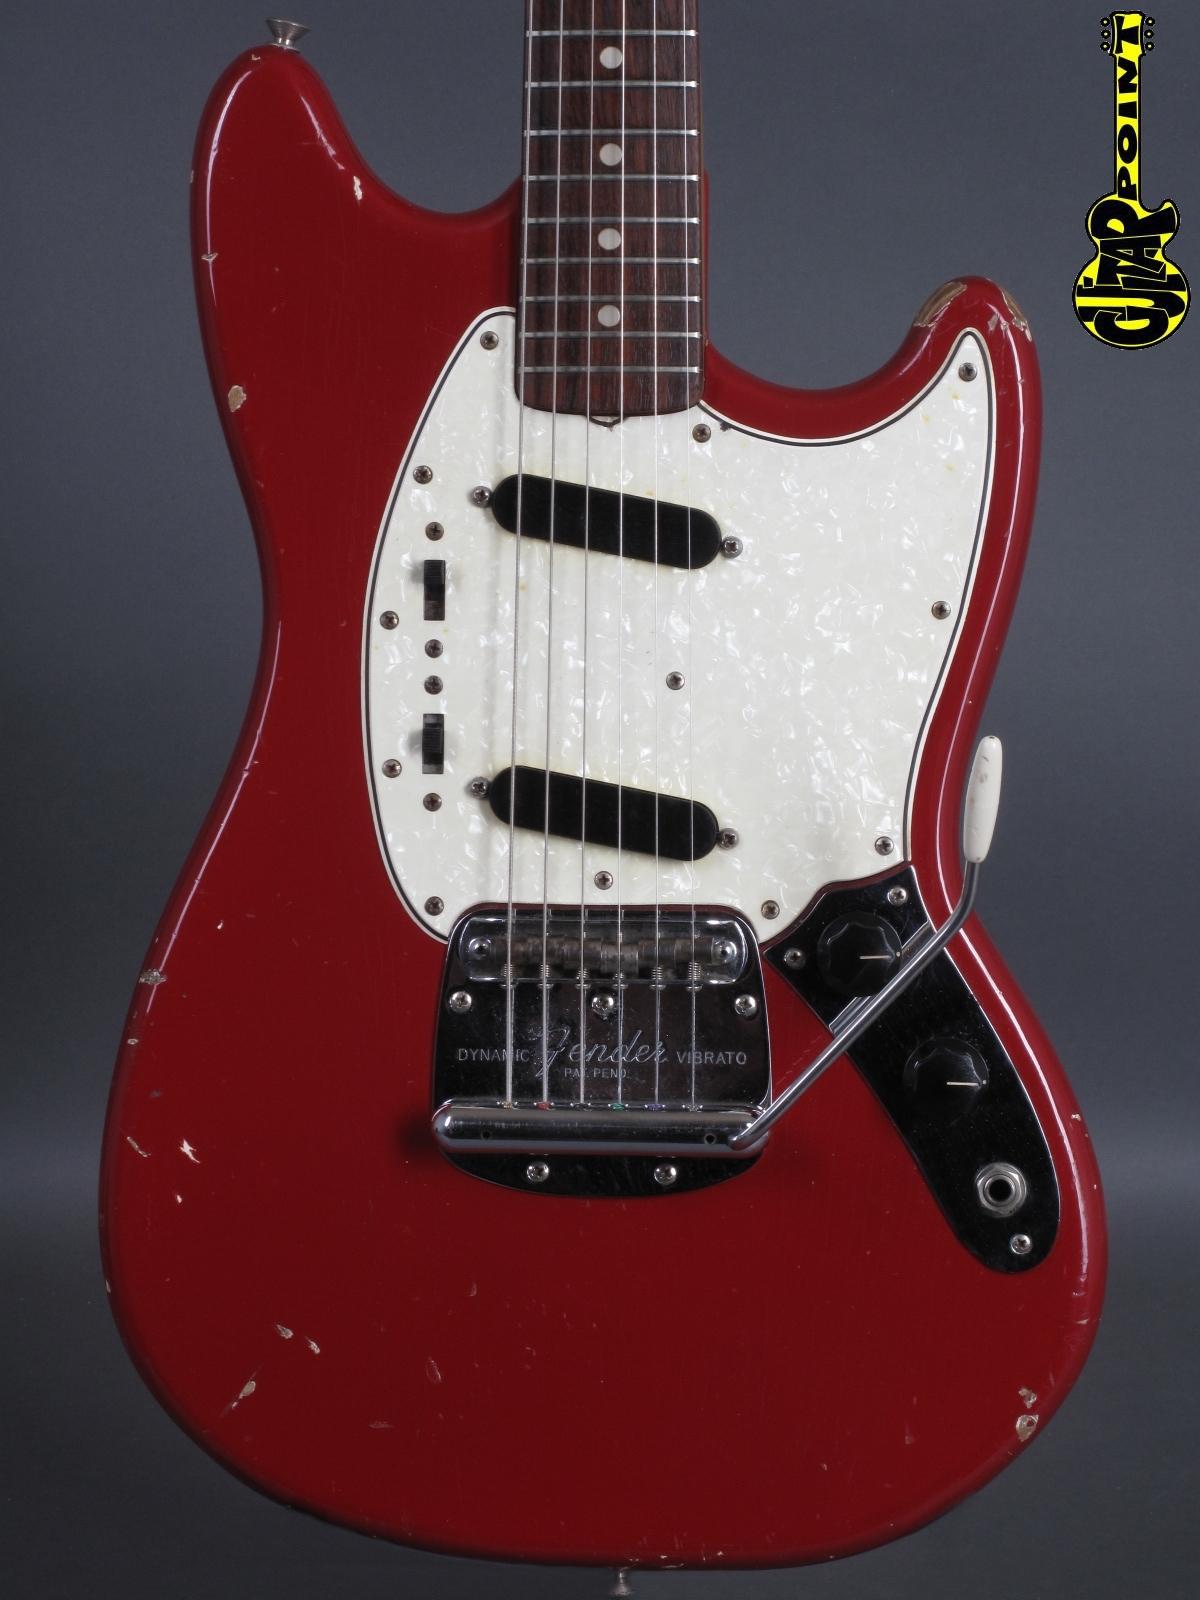 1965 Fender Mustang - Dakota Red incl. orig. Case.